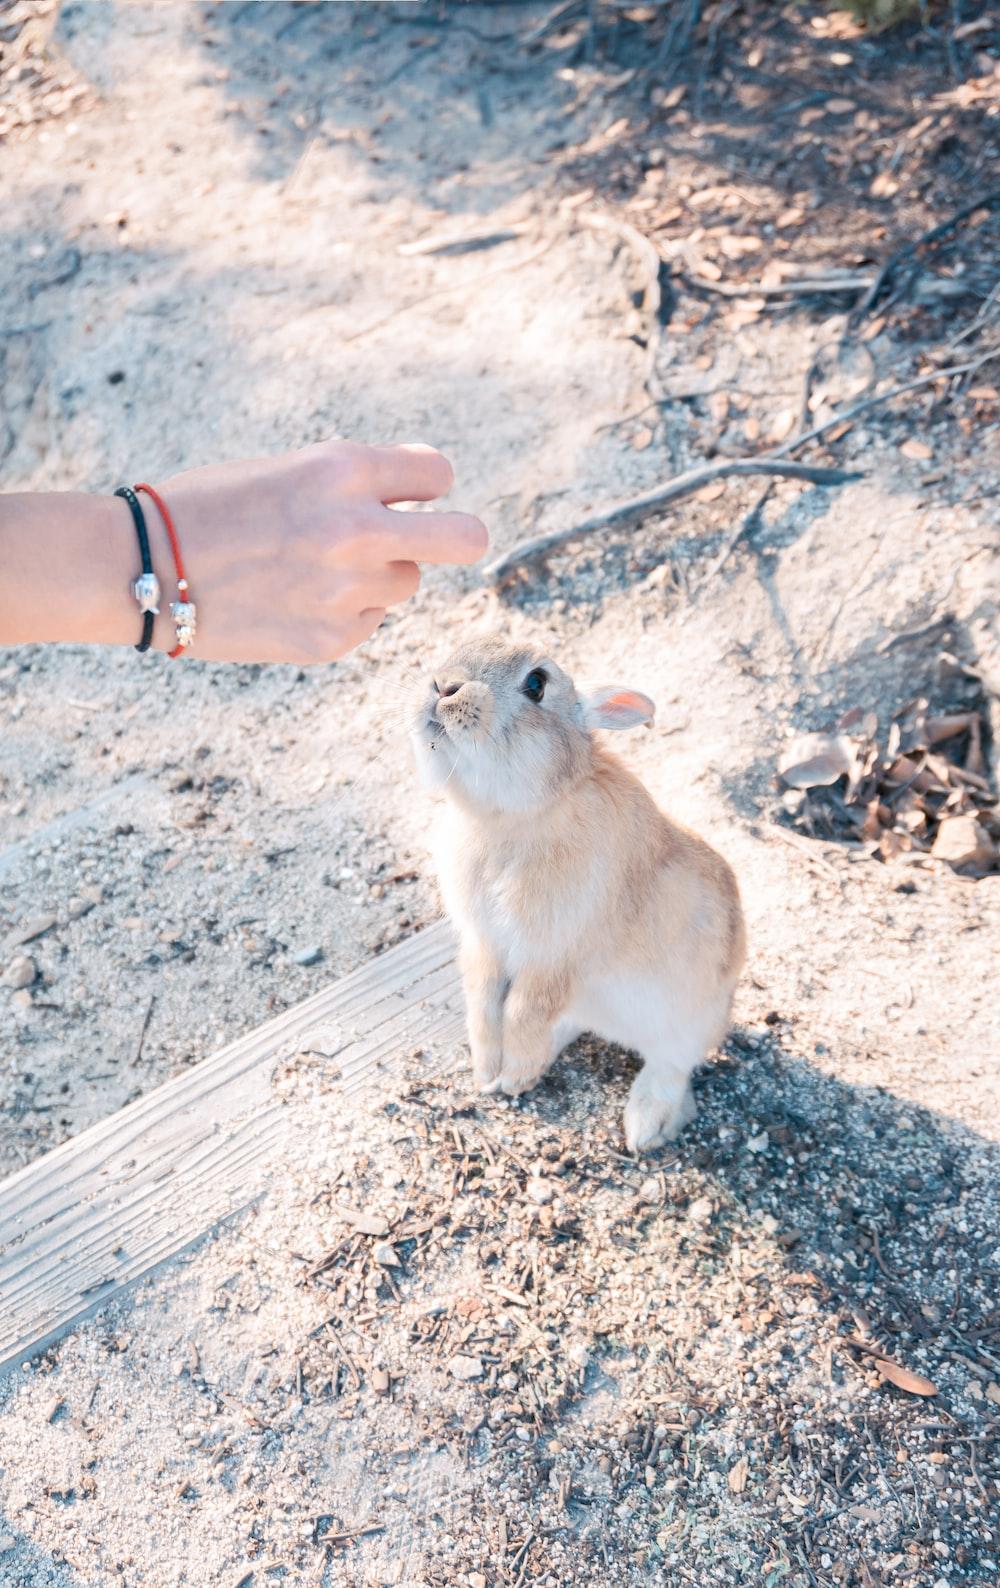 beige bunny near person righ hand